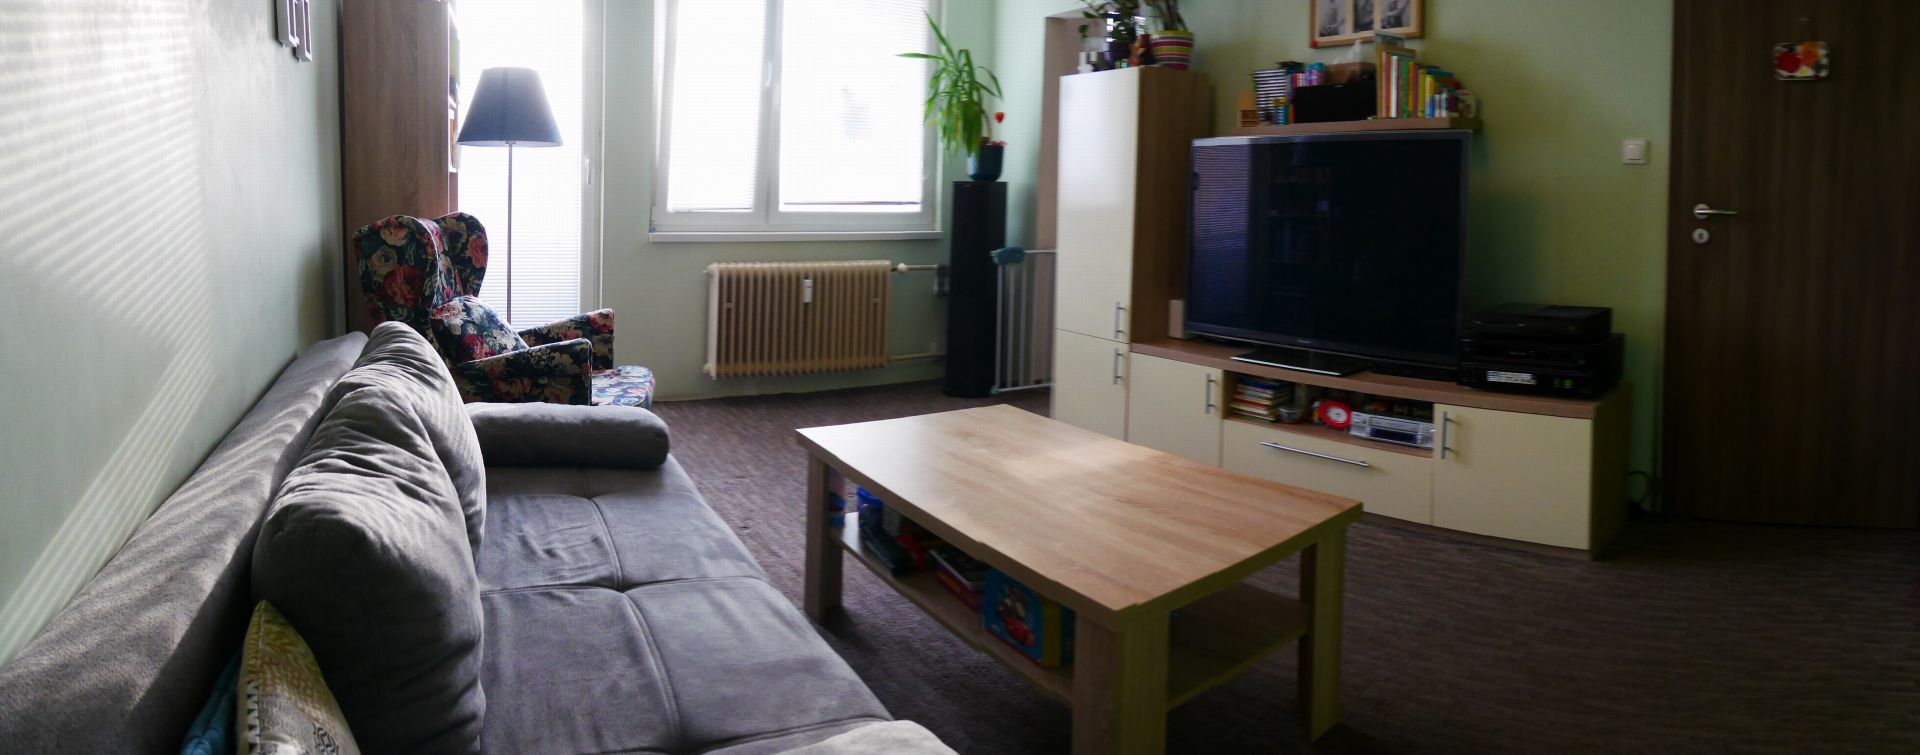 2 izbový byt  Bieloruská ulica